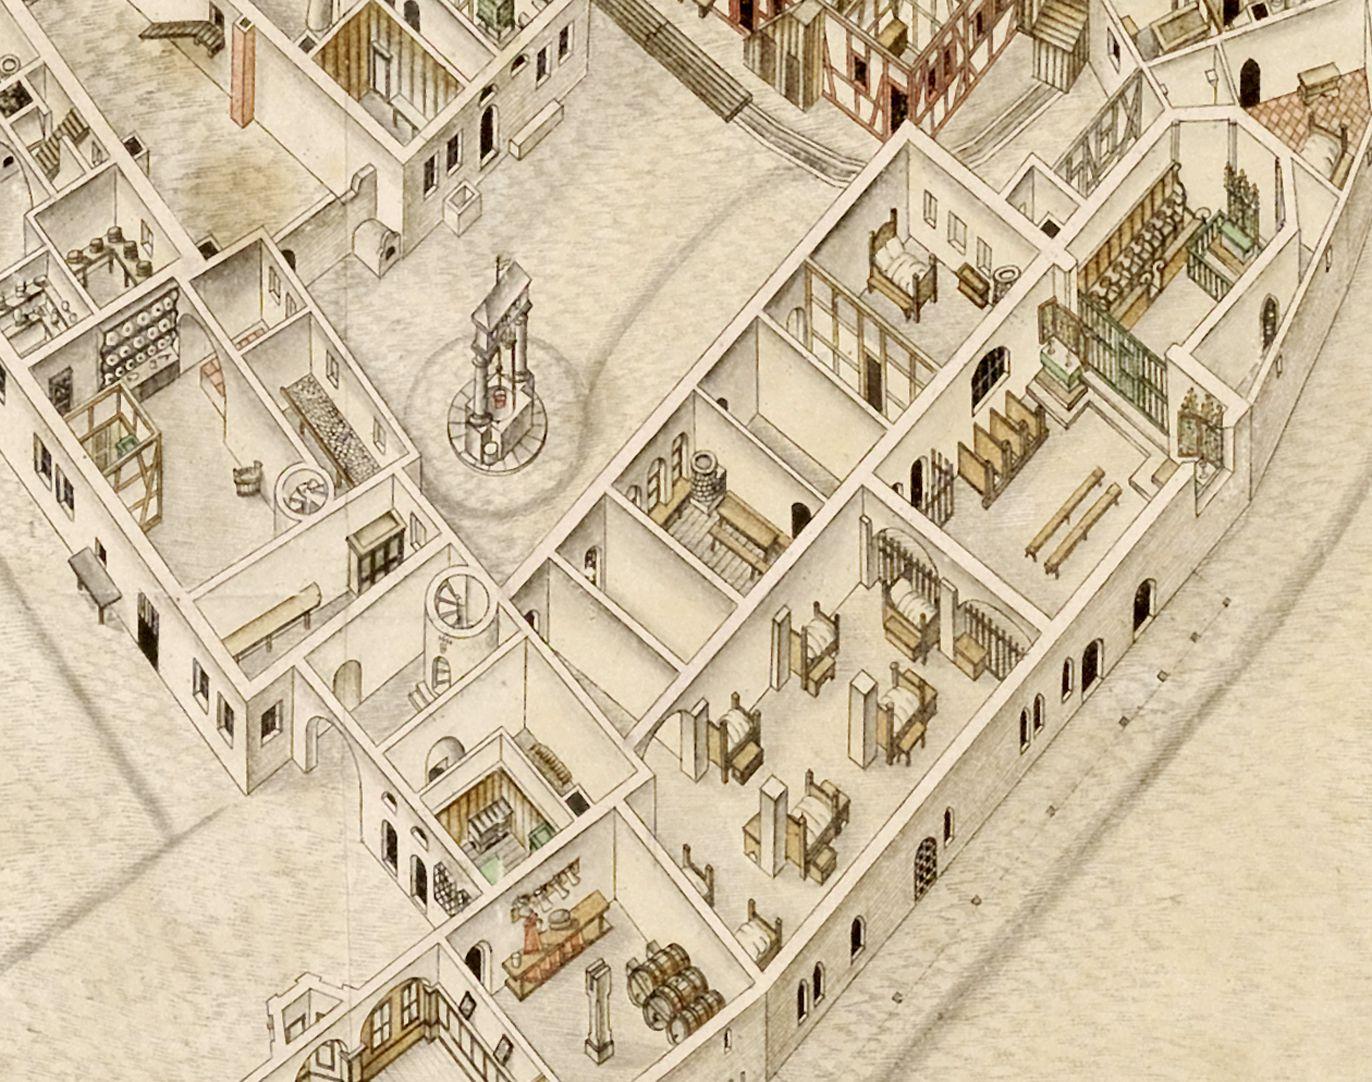 Isometrische Darstellung der Gesamtanlage des Deutschen Hauses in Nürnberg mit Einblick in die Erdgeschosse Spitalhof mit Brunnen, rechts Elisabethkapelle mit ihrem Vorraum (Betten der Pfründner neben den Pfeilern). Links vom Brunnen Speisekammer und Küche